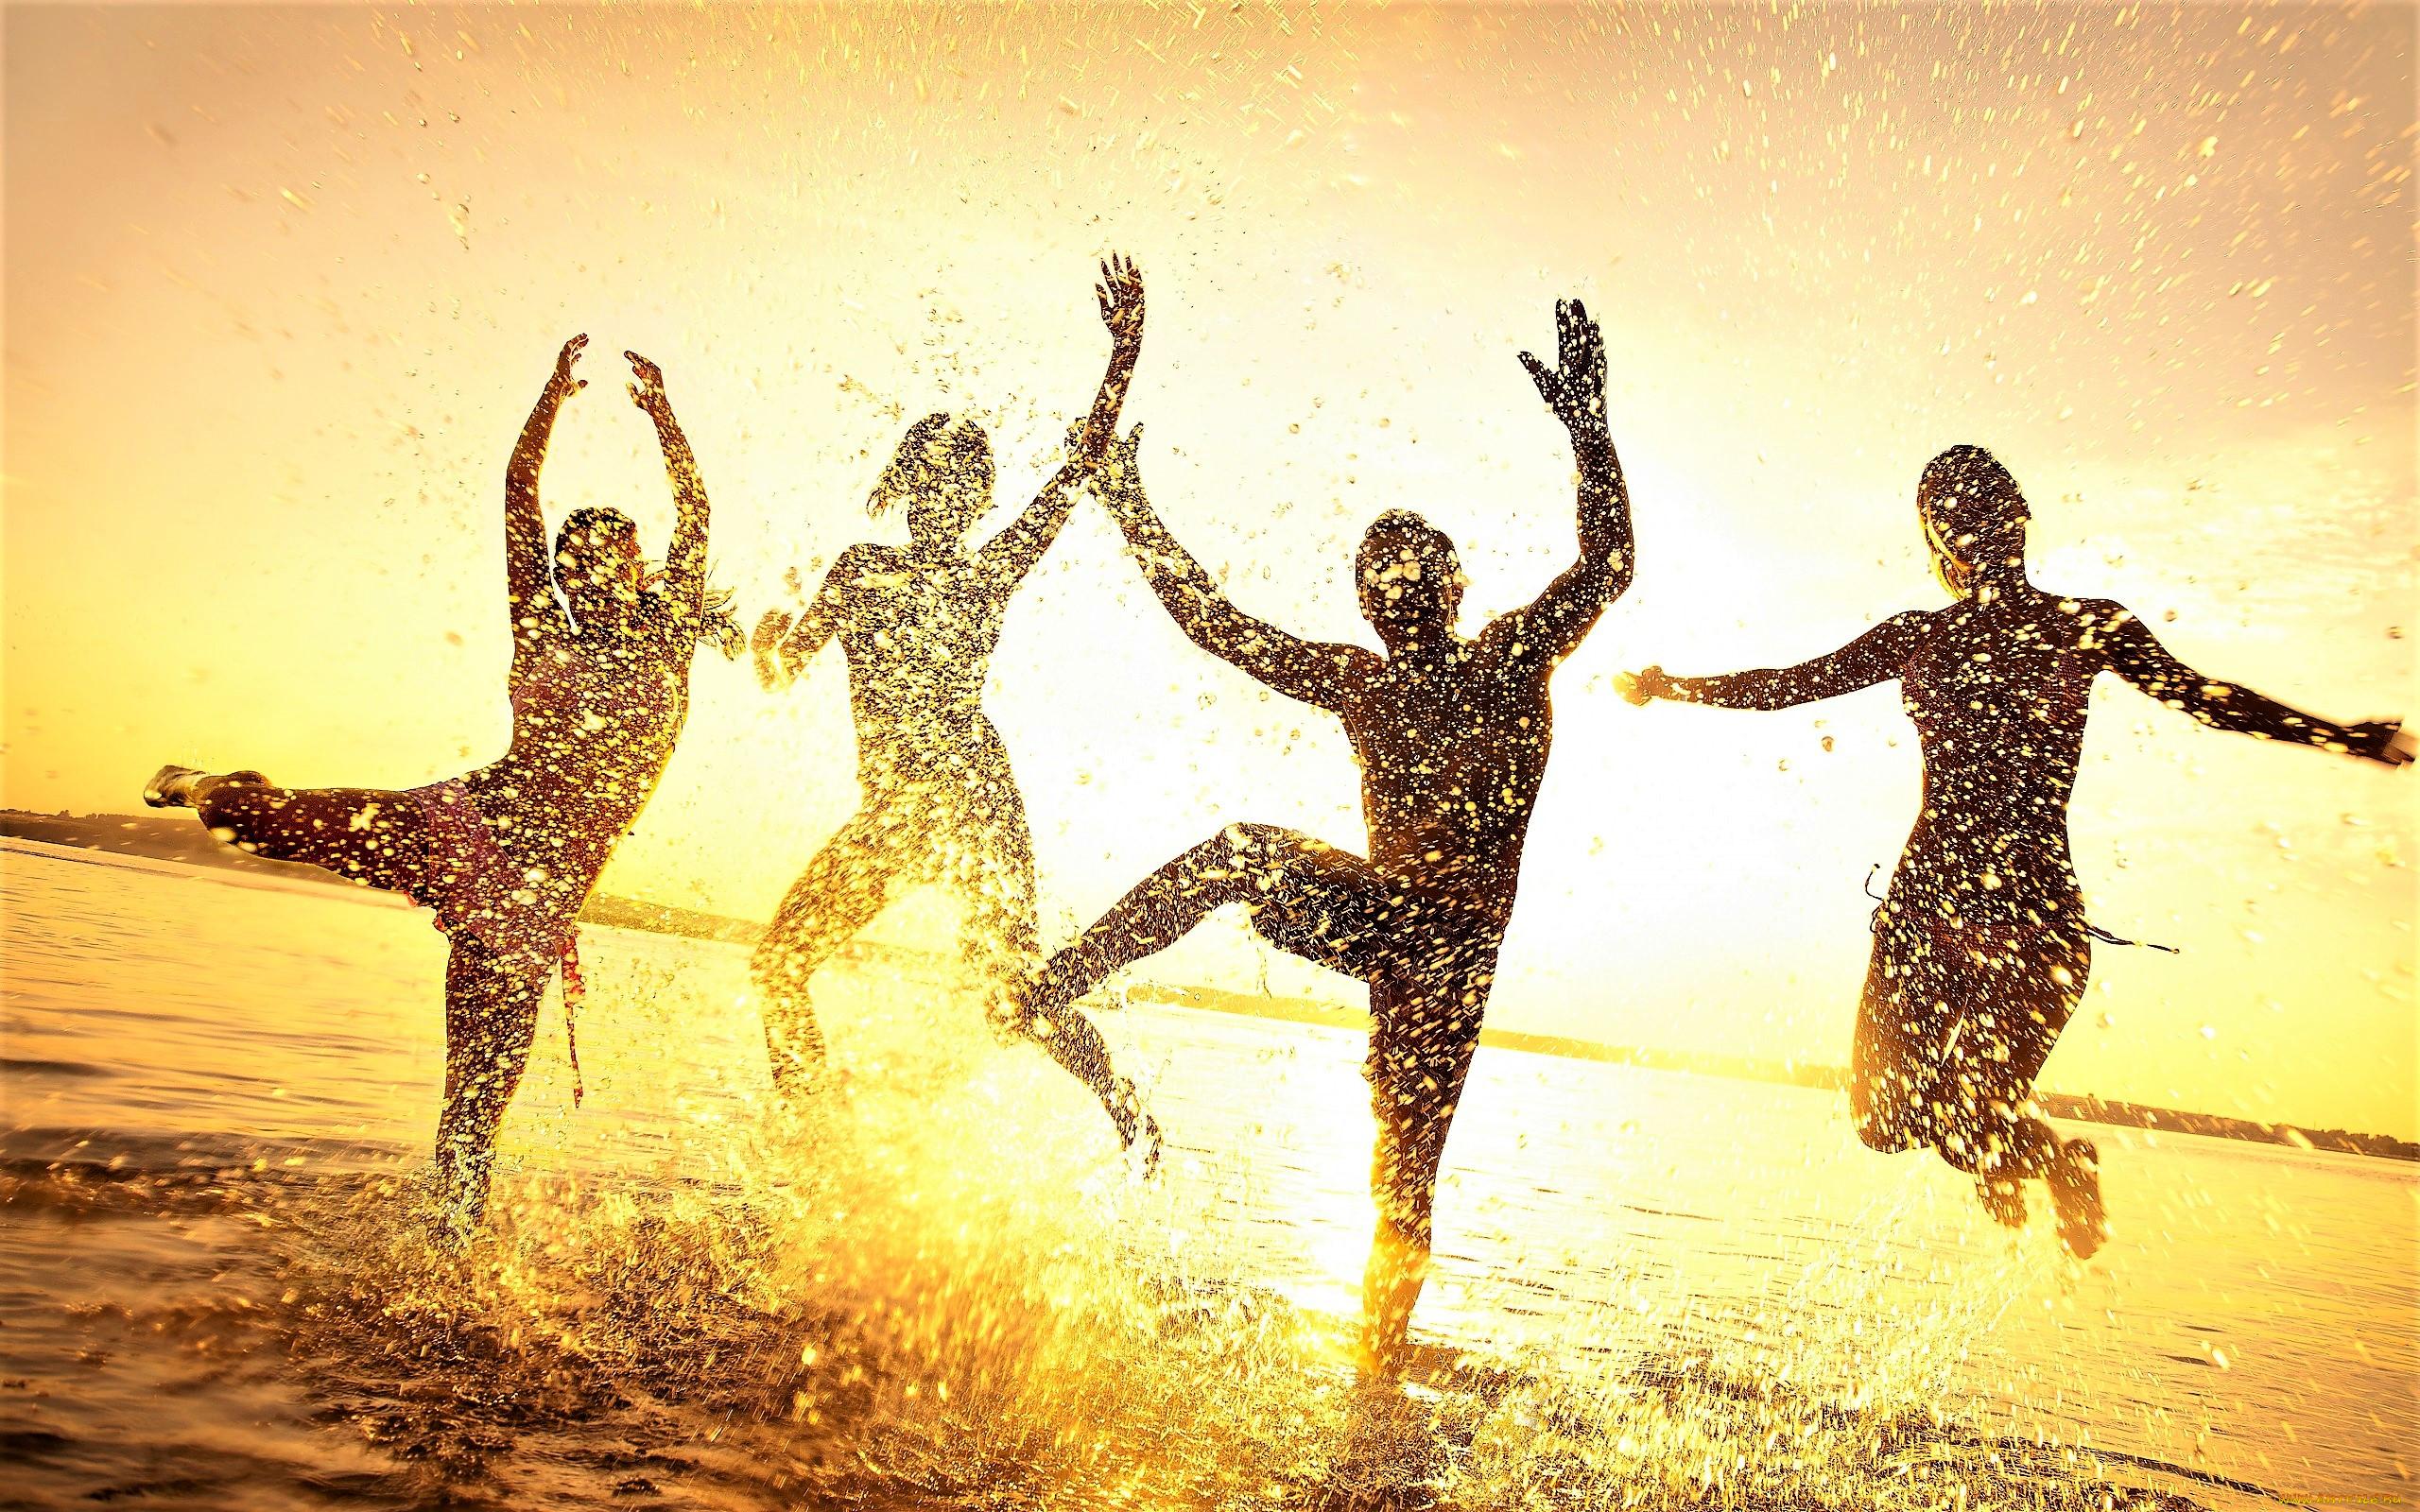 картинки для счастья и радости финансах обычно